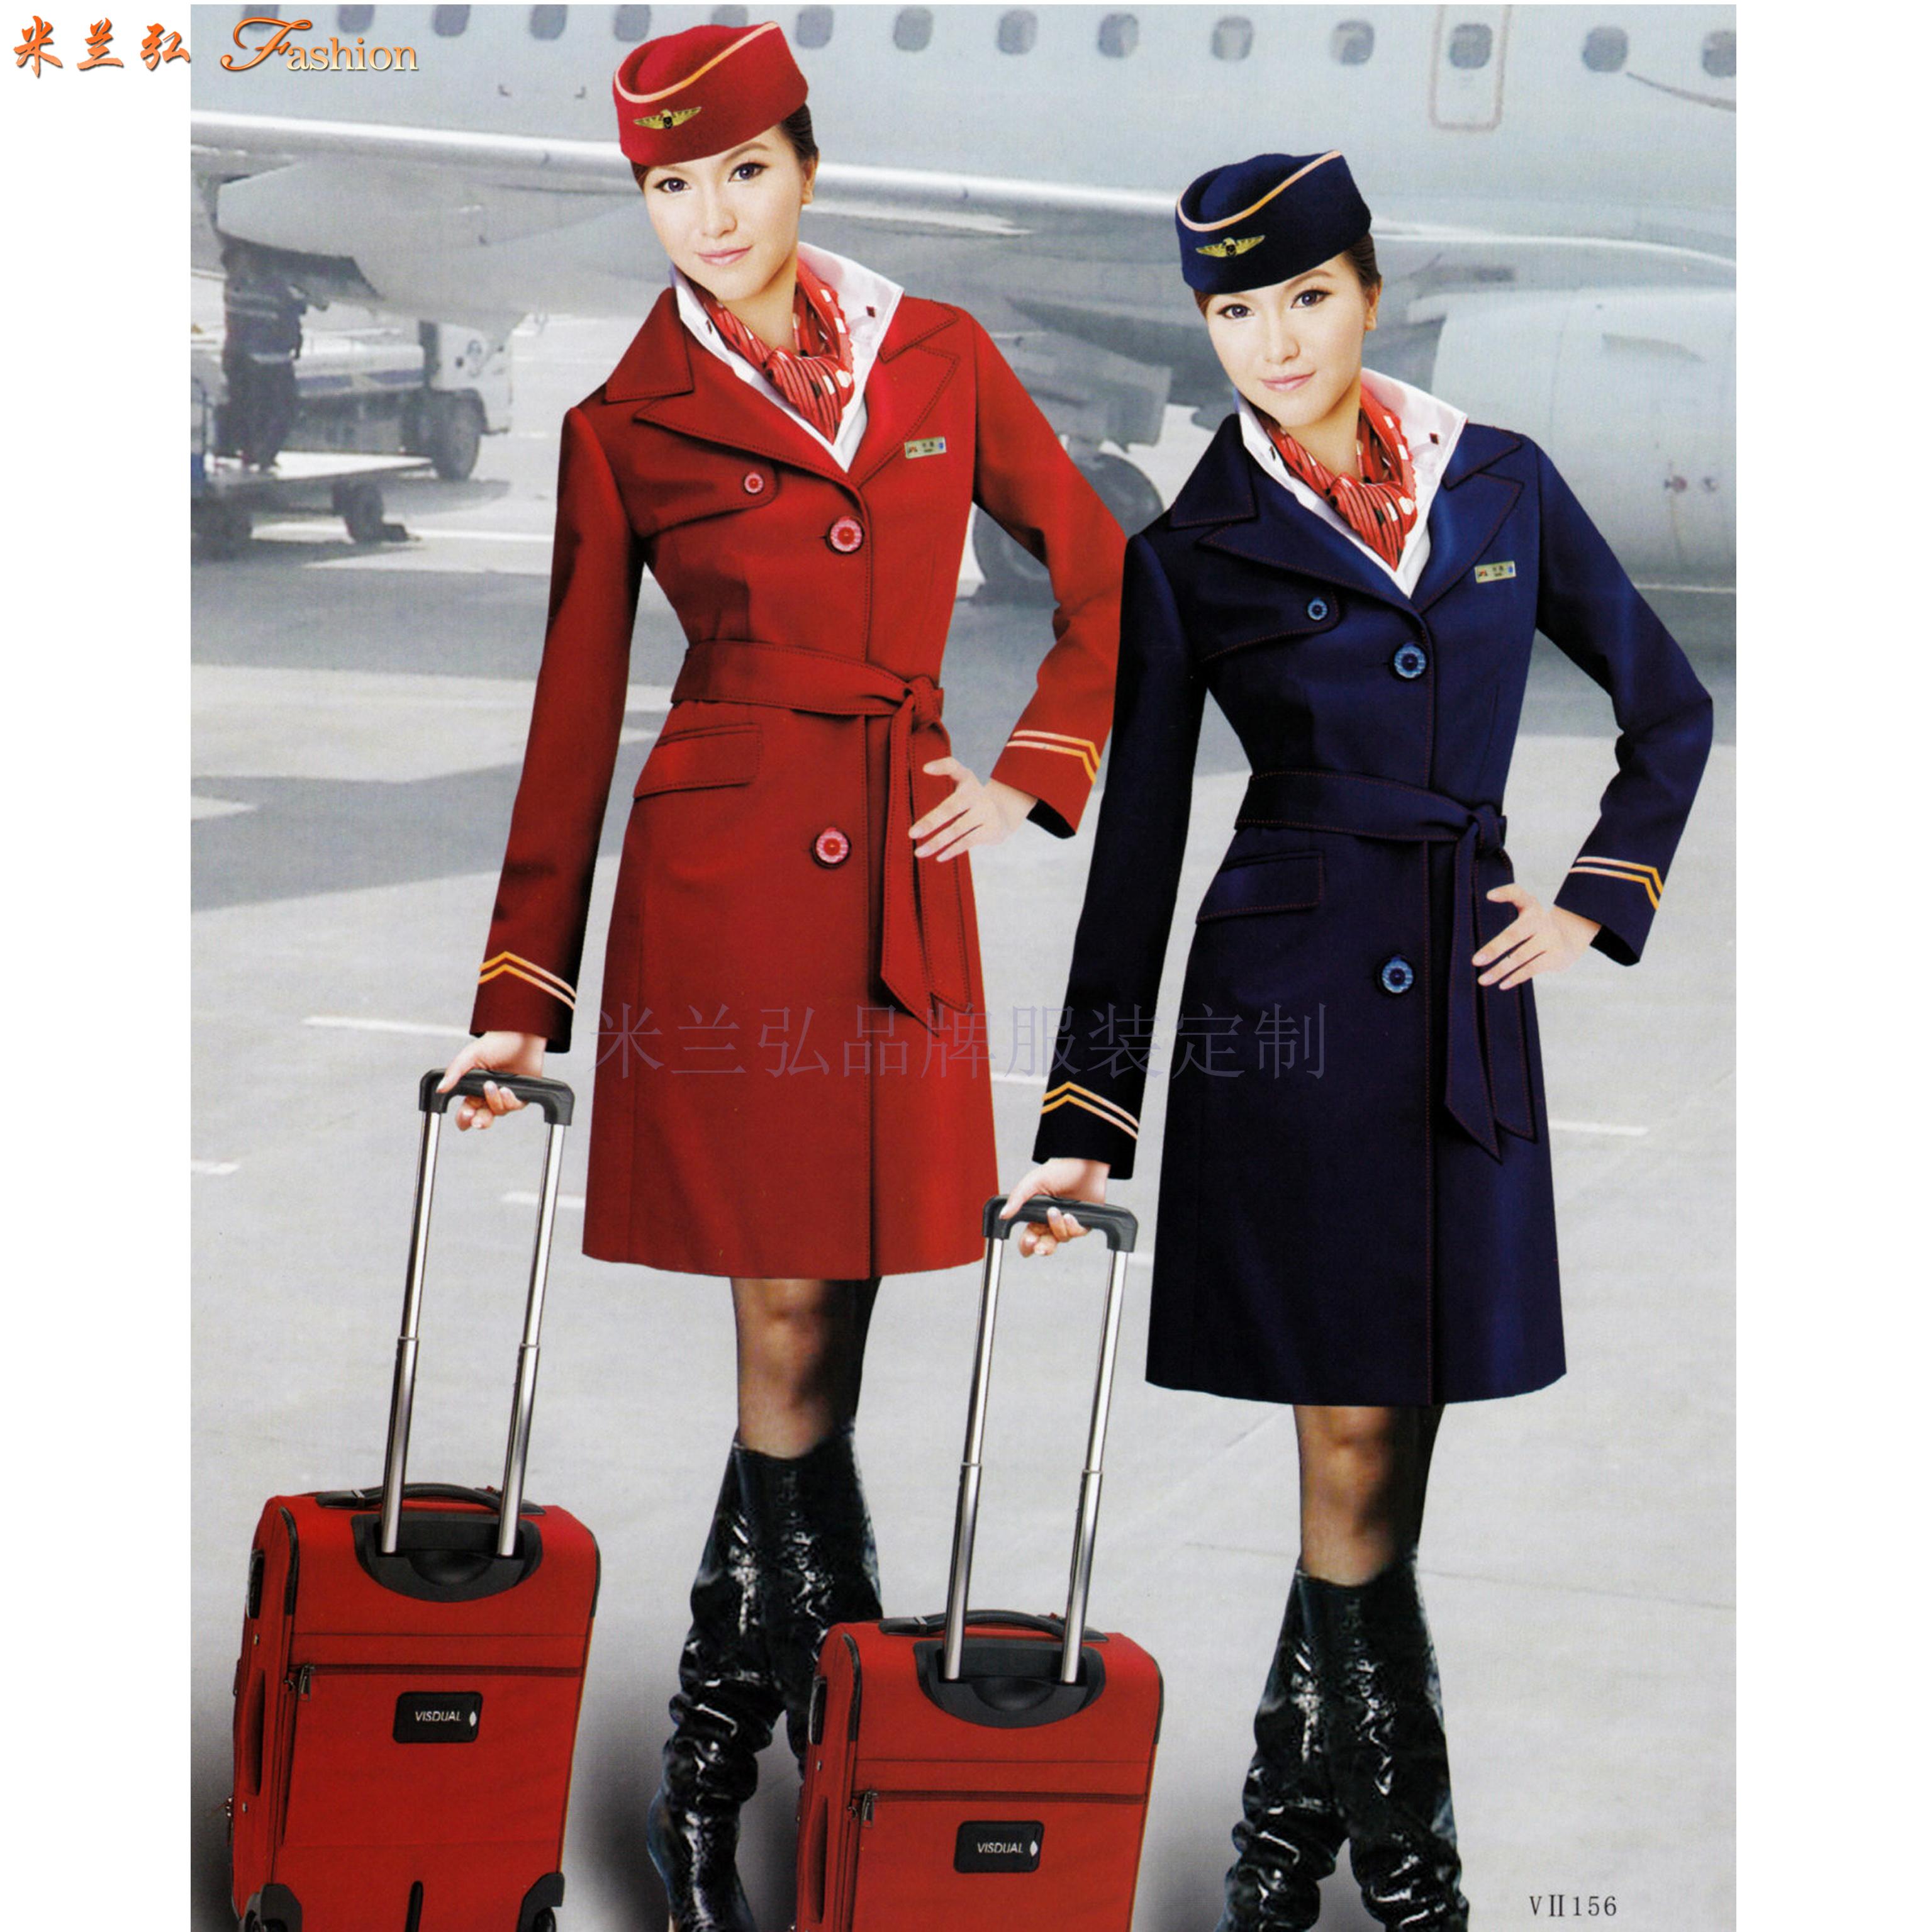 「北京空姐大衣訂制」選擇多年服裝生產經驗廠家-米蘭弘空姐服-6